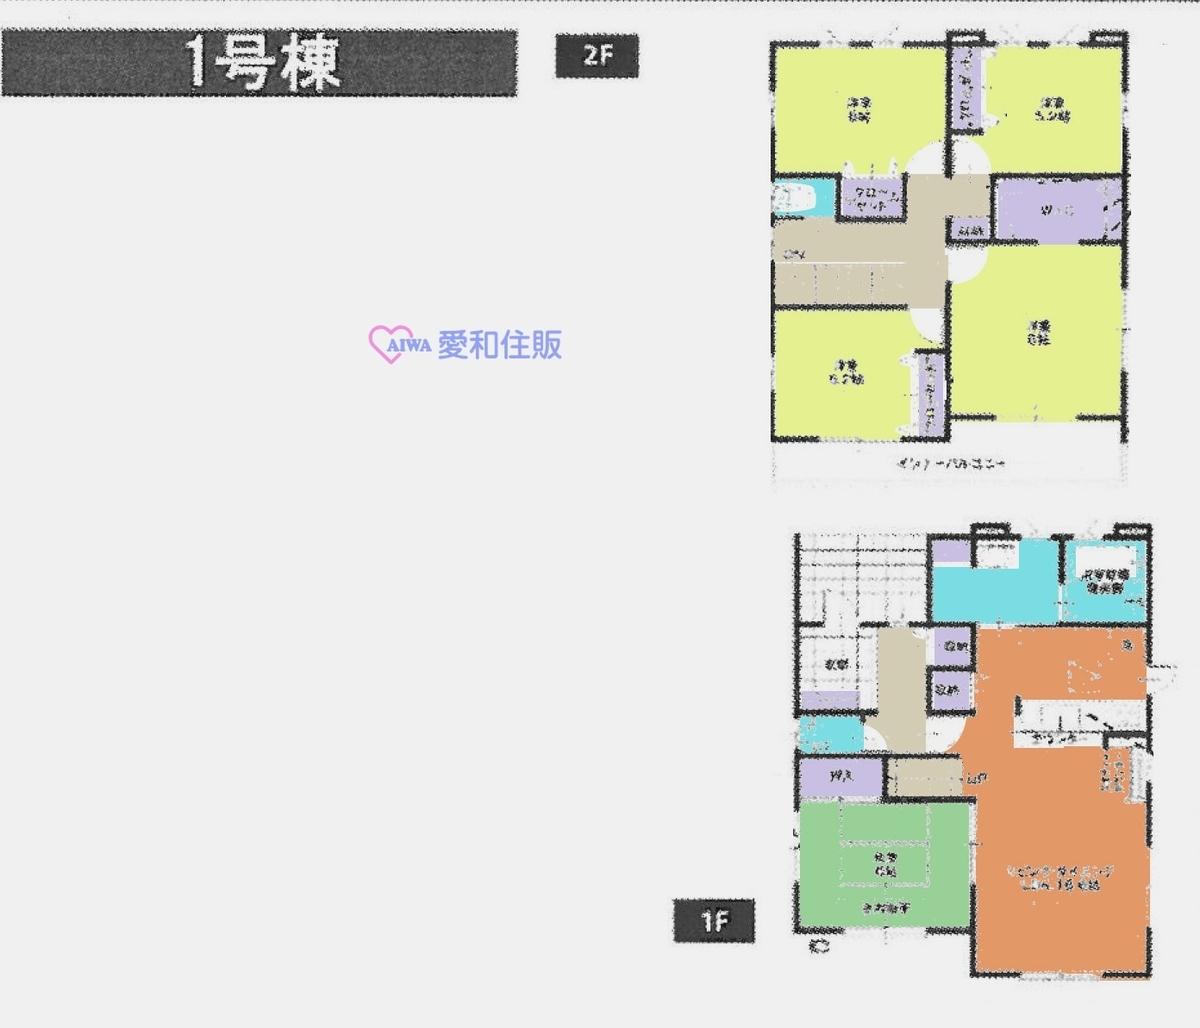 東松山市小松原町の新築一戸建て建売分譲物件1号棟の間取り